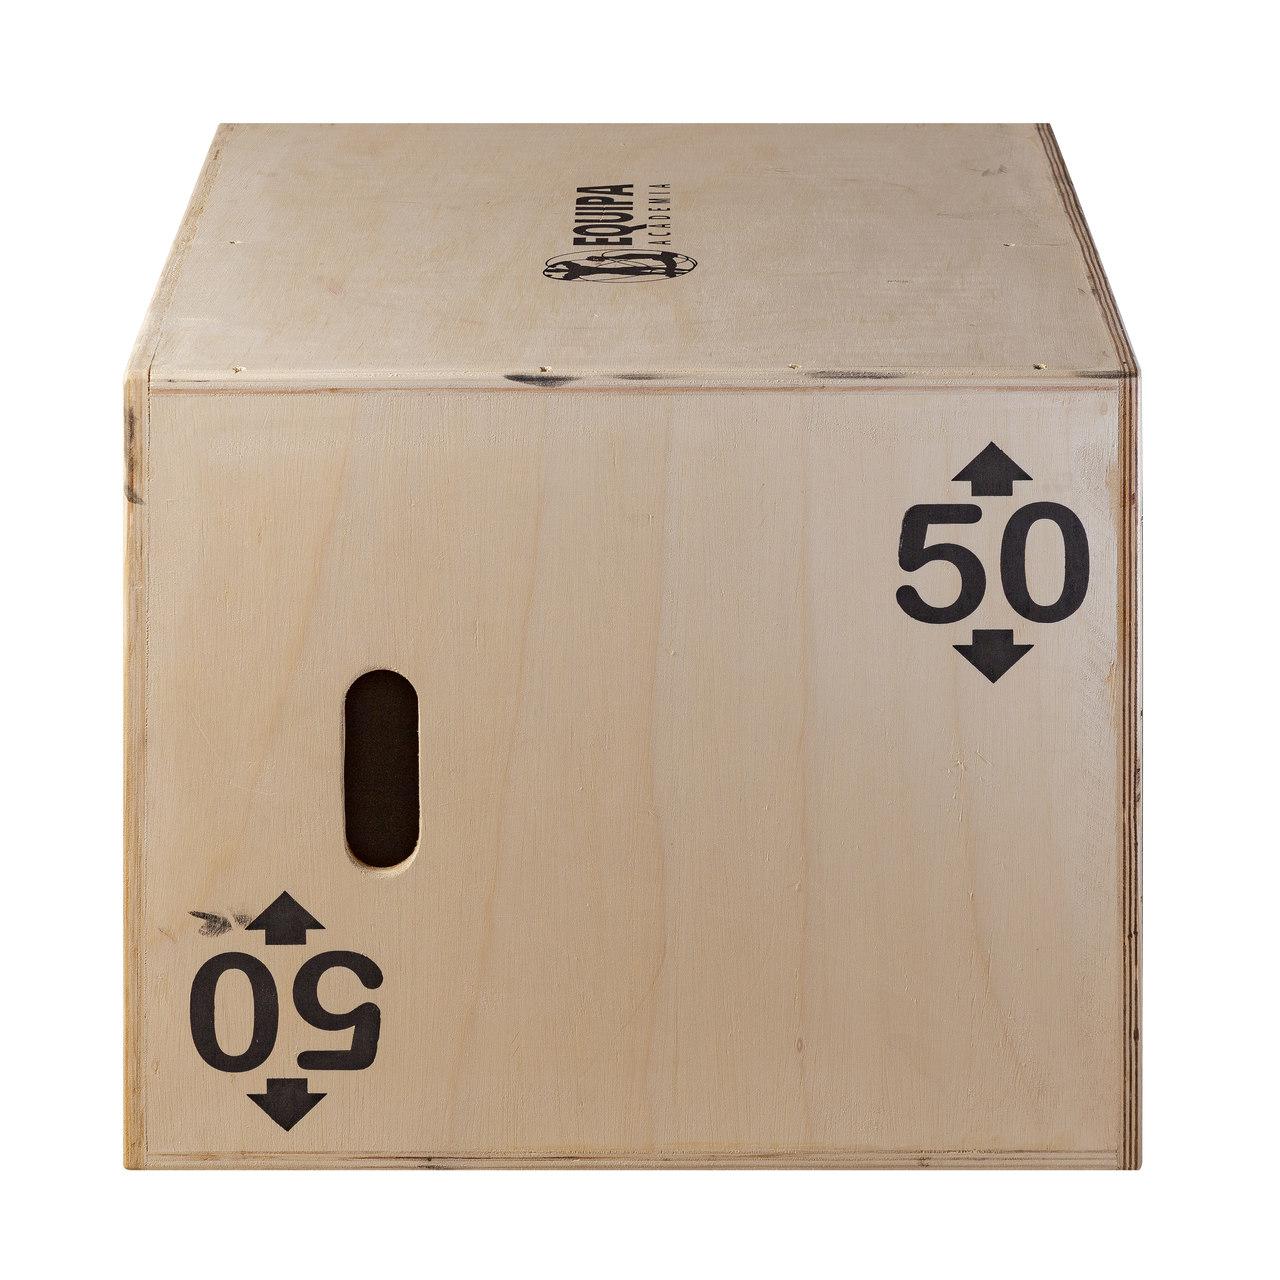 Caixa de Salto Pliomérico 3x1 Oficial 75x60x50